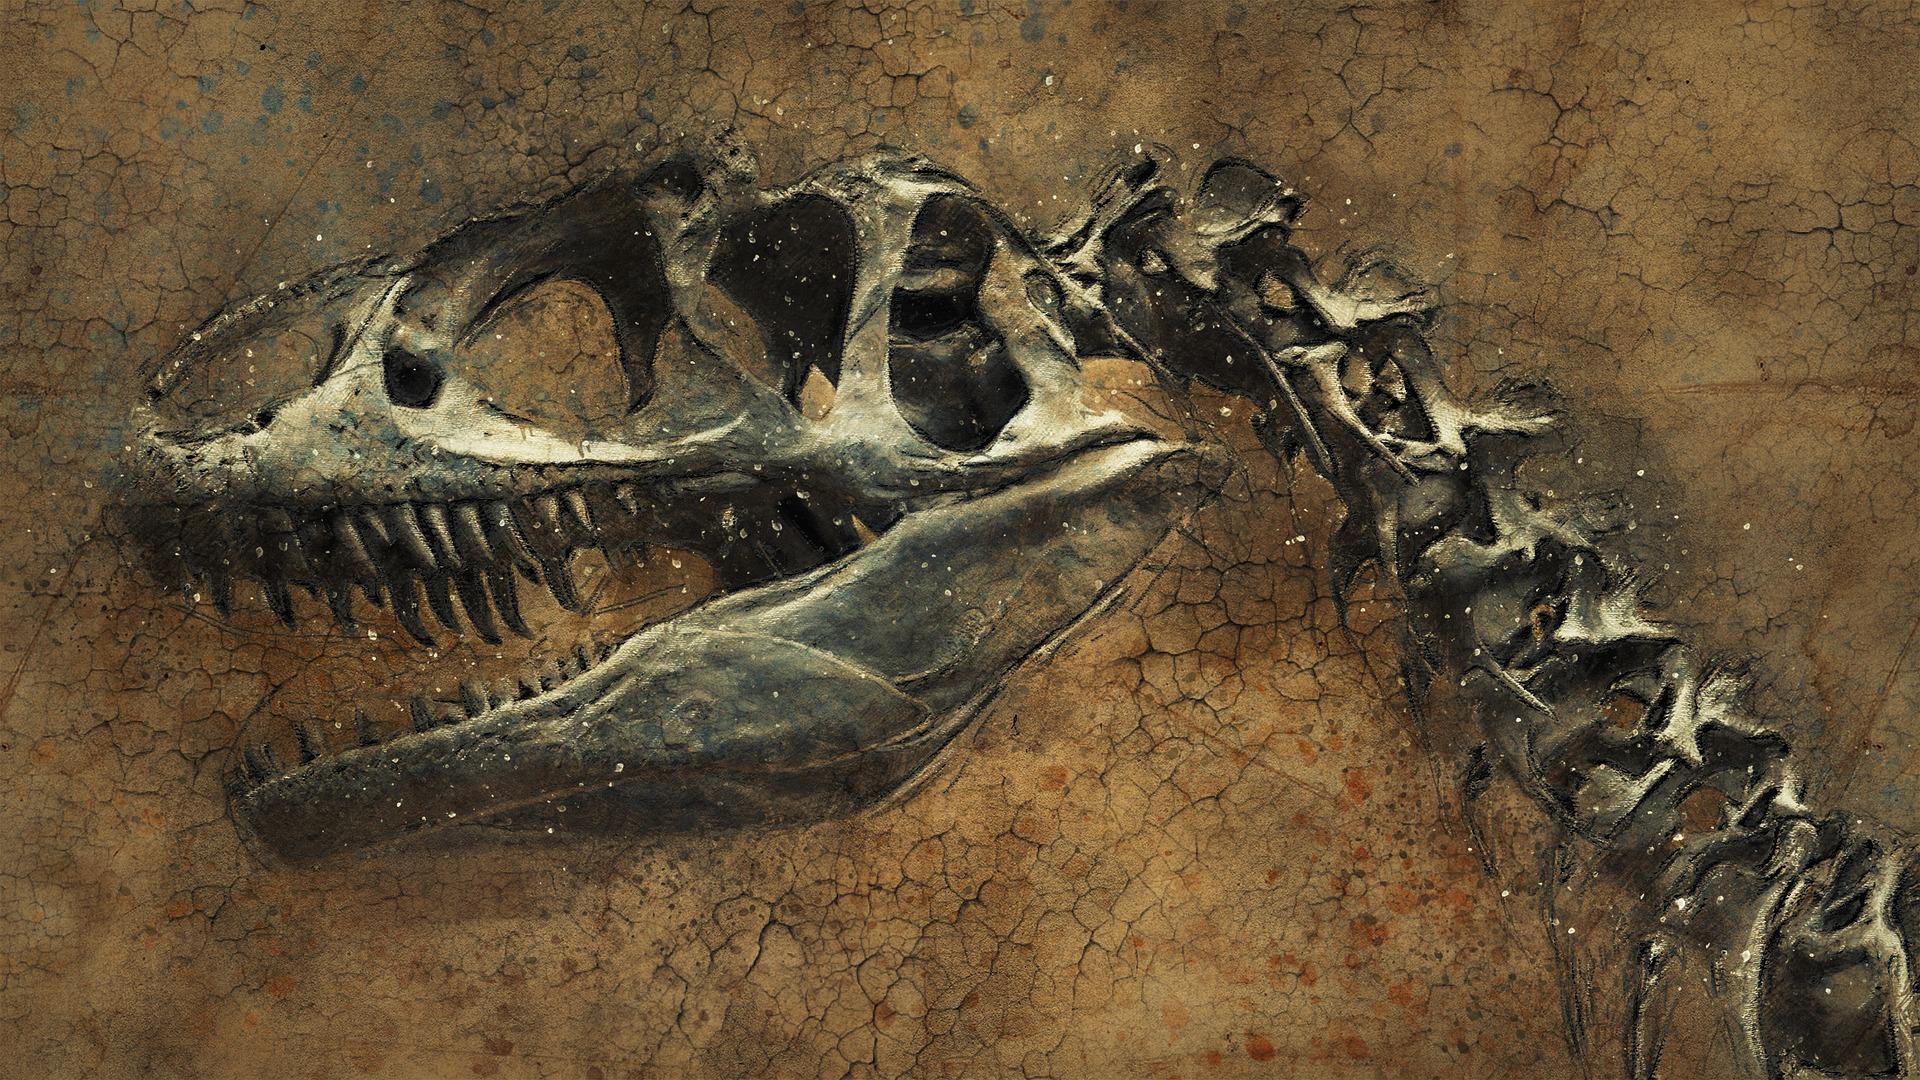 dinosaur, fossil, bones